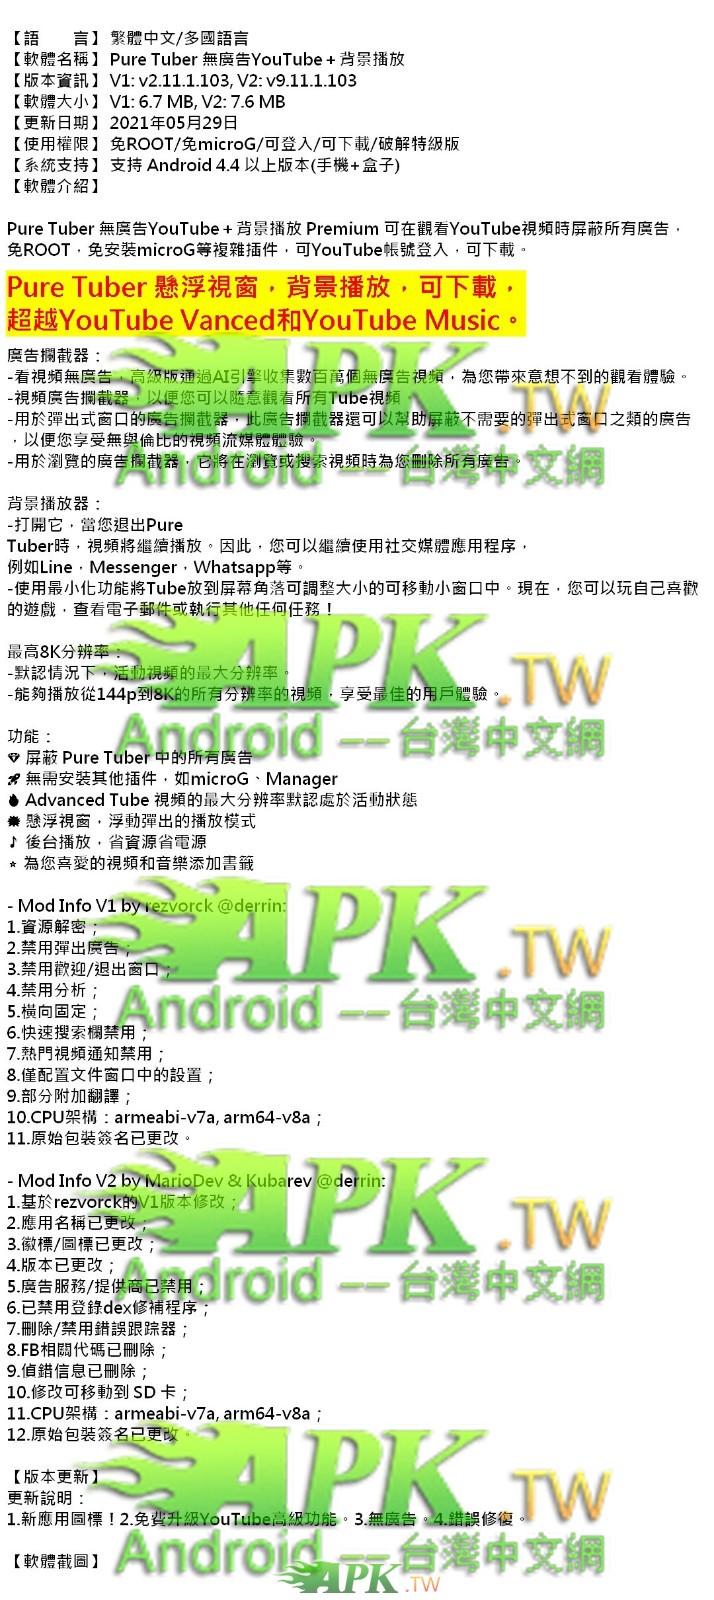 PureTuber_Premium_2.11.1.103_.jpg